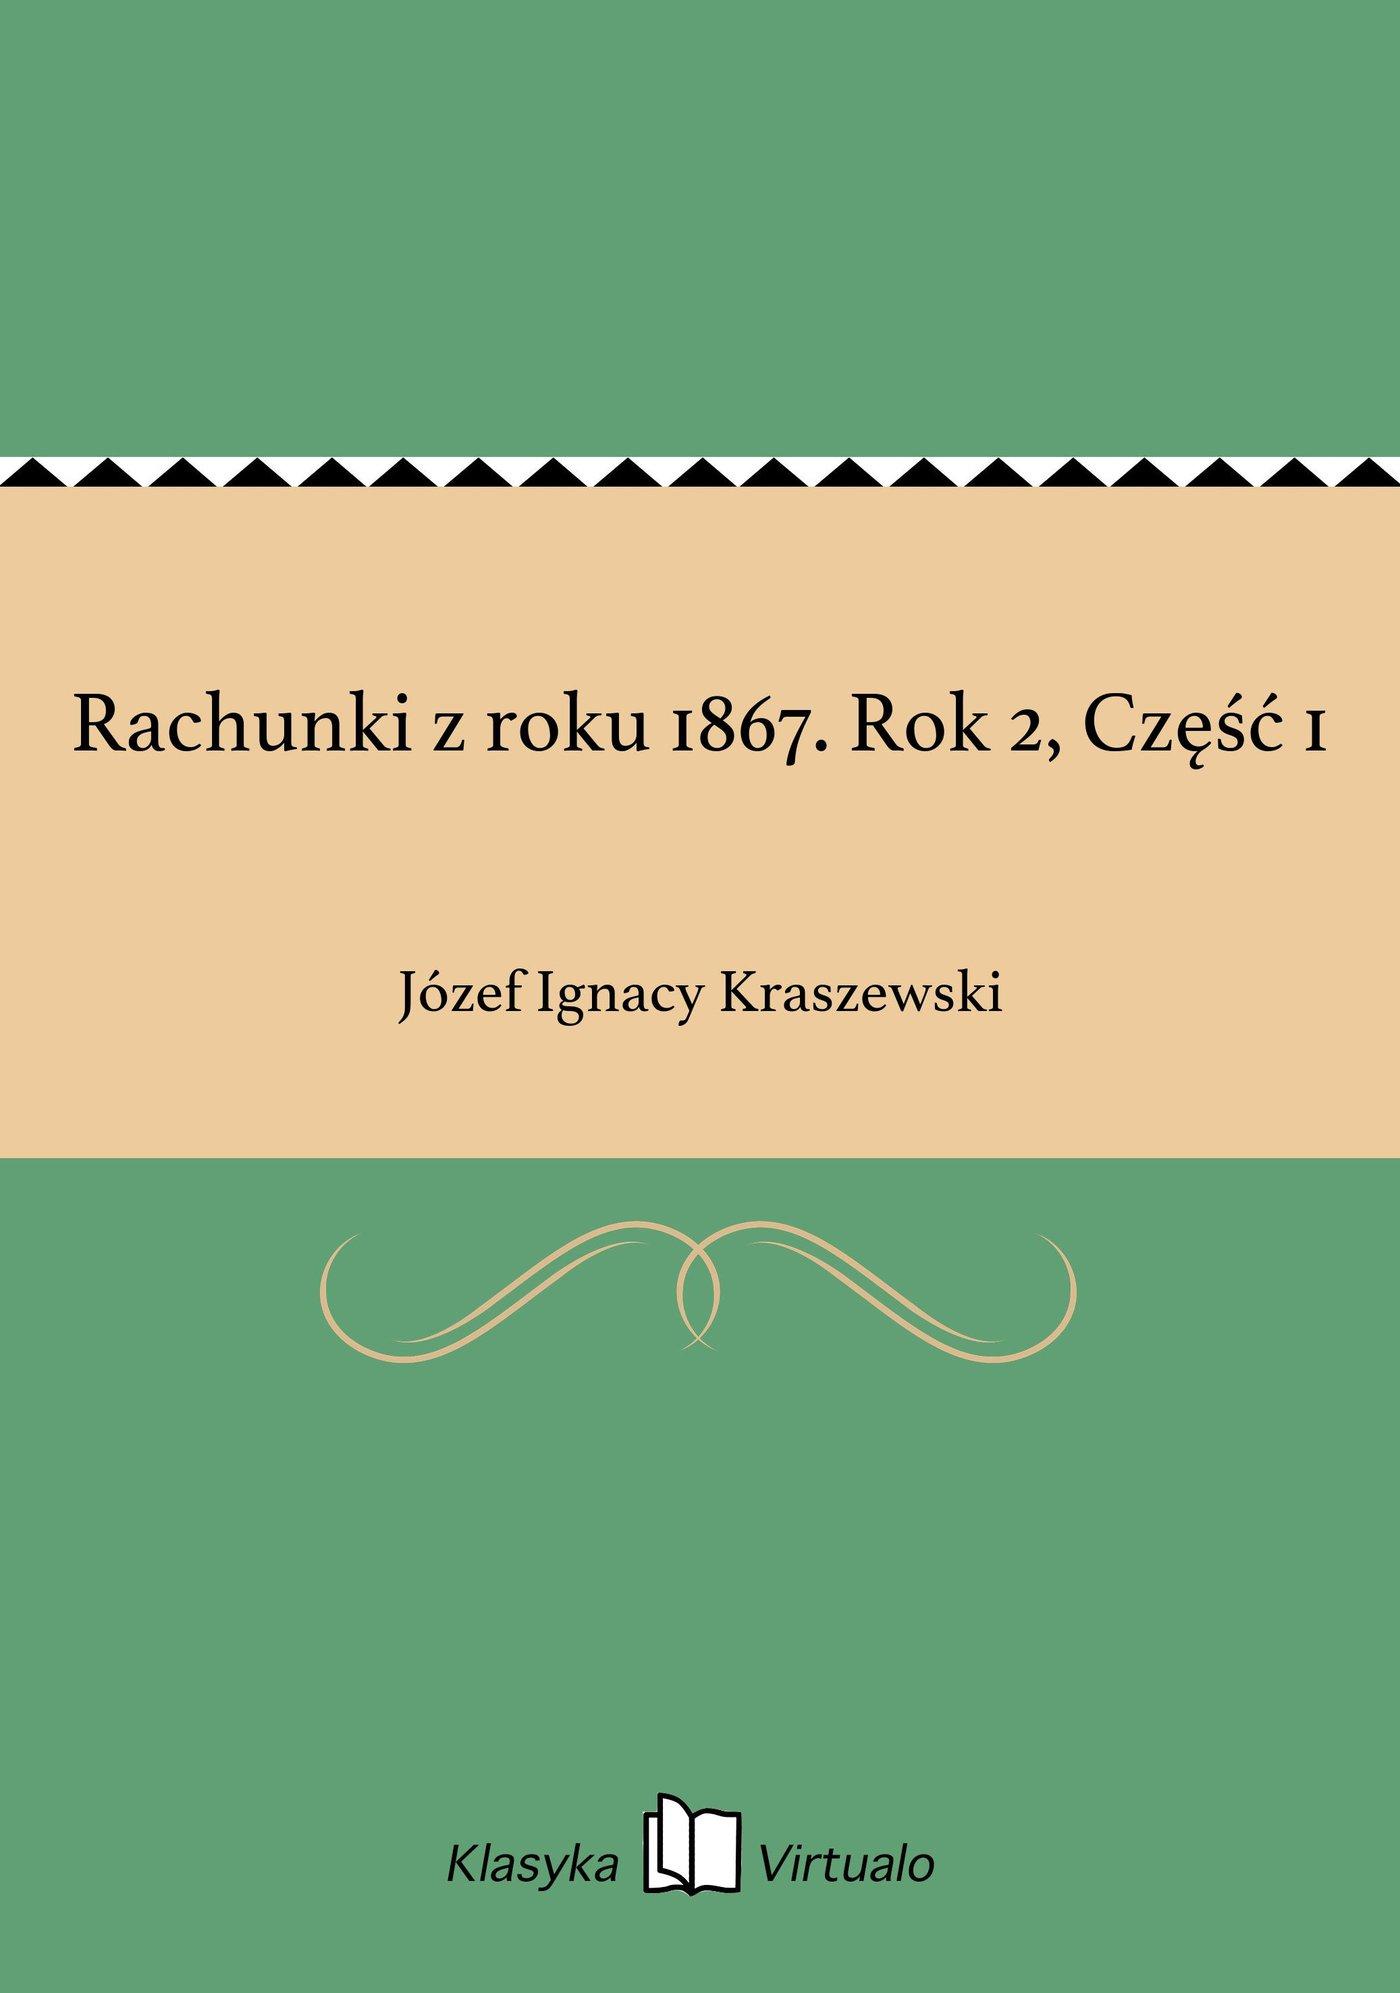 Rachunki z roku 1867. Rok 2, Część 1 - Ebook (Książka EPUB) do pobrania w formacie EPUB